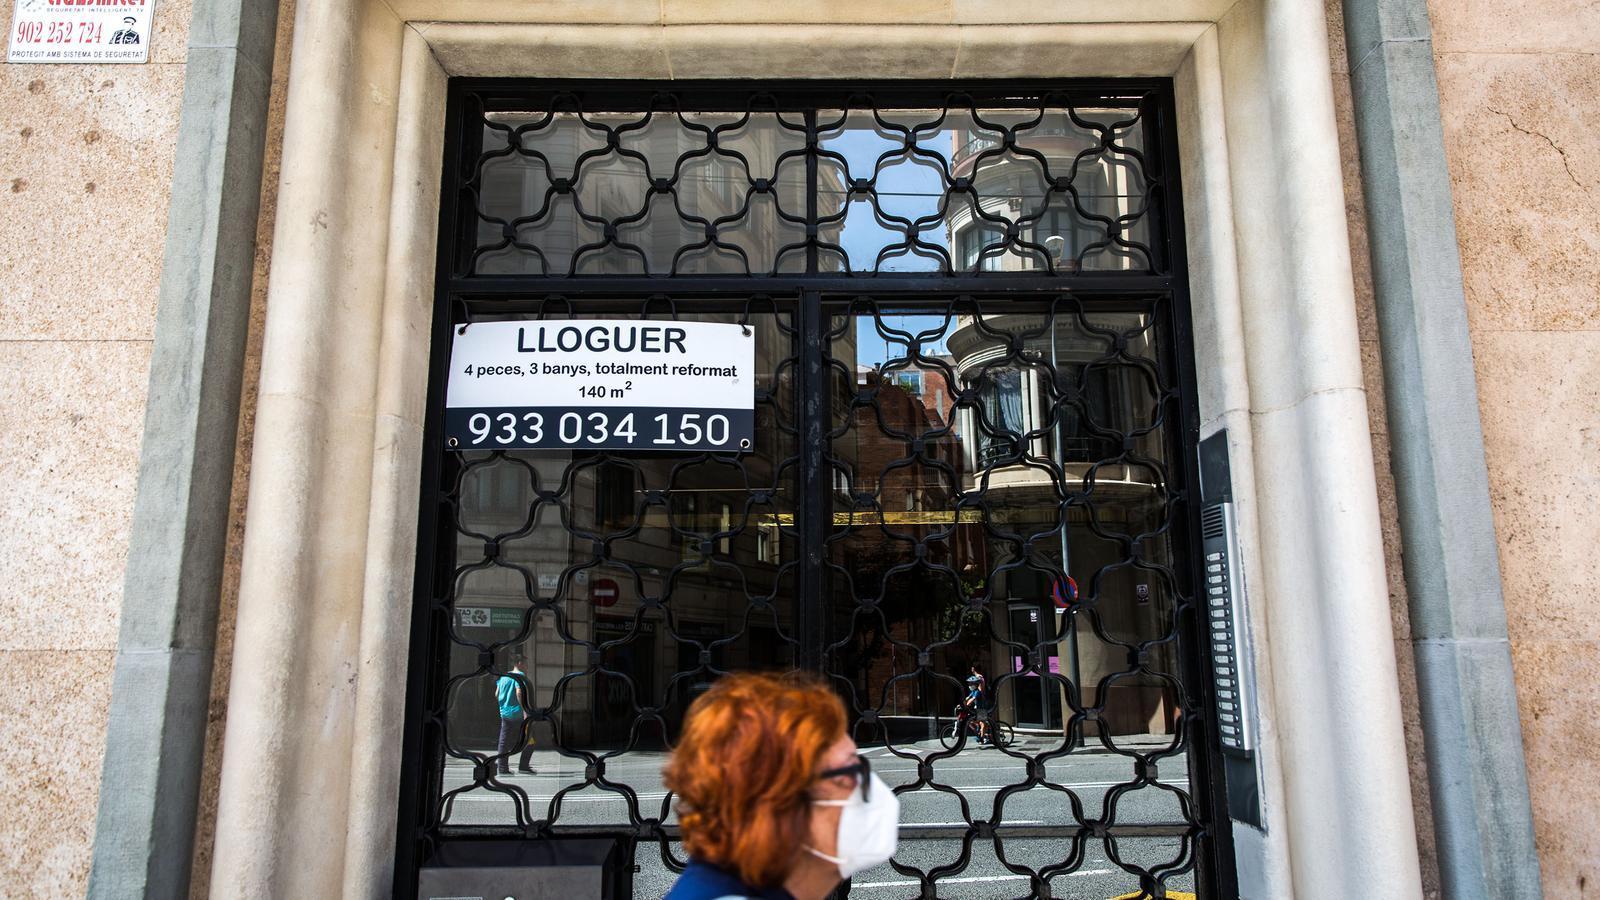 Anunci d'UN pis en lloguer al carrer Balmes de Barcelona